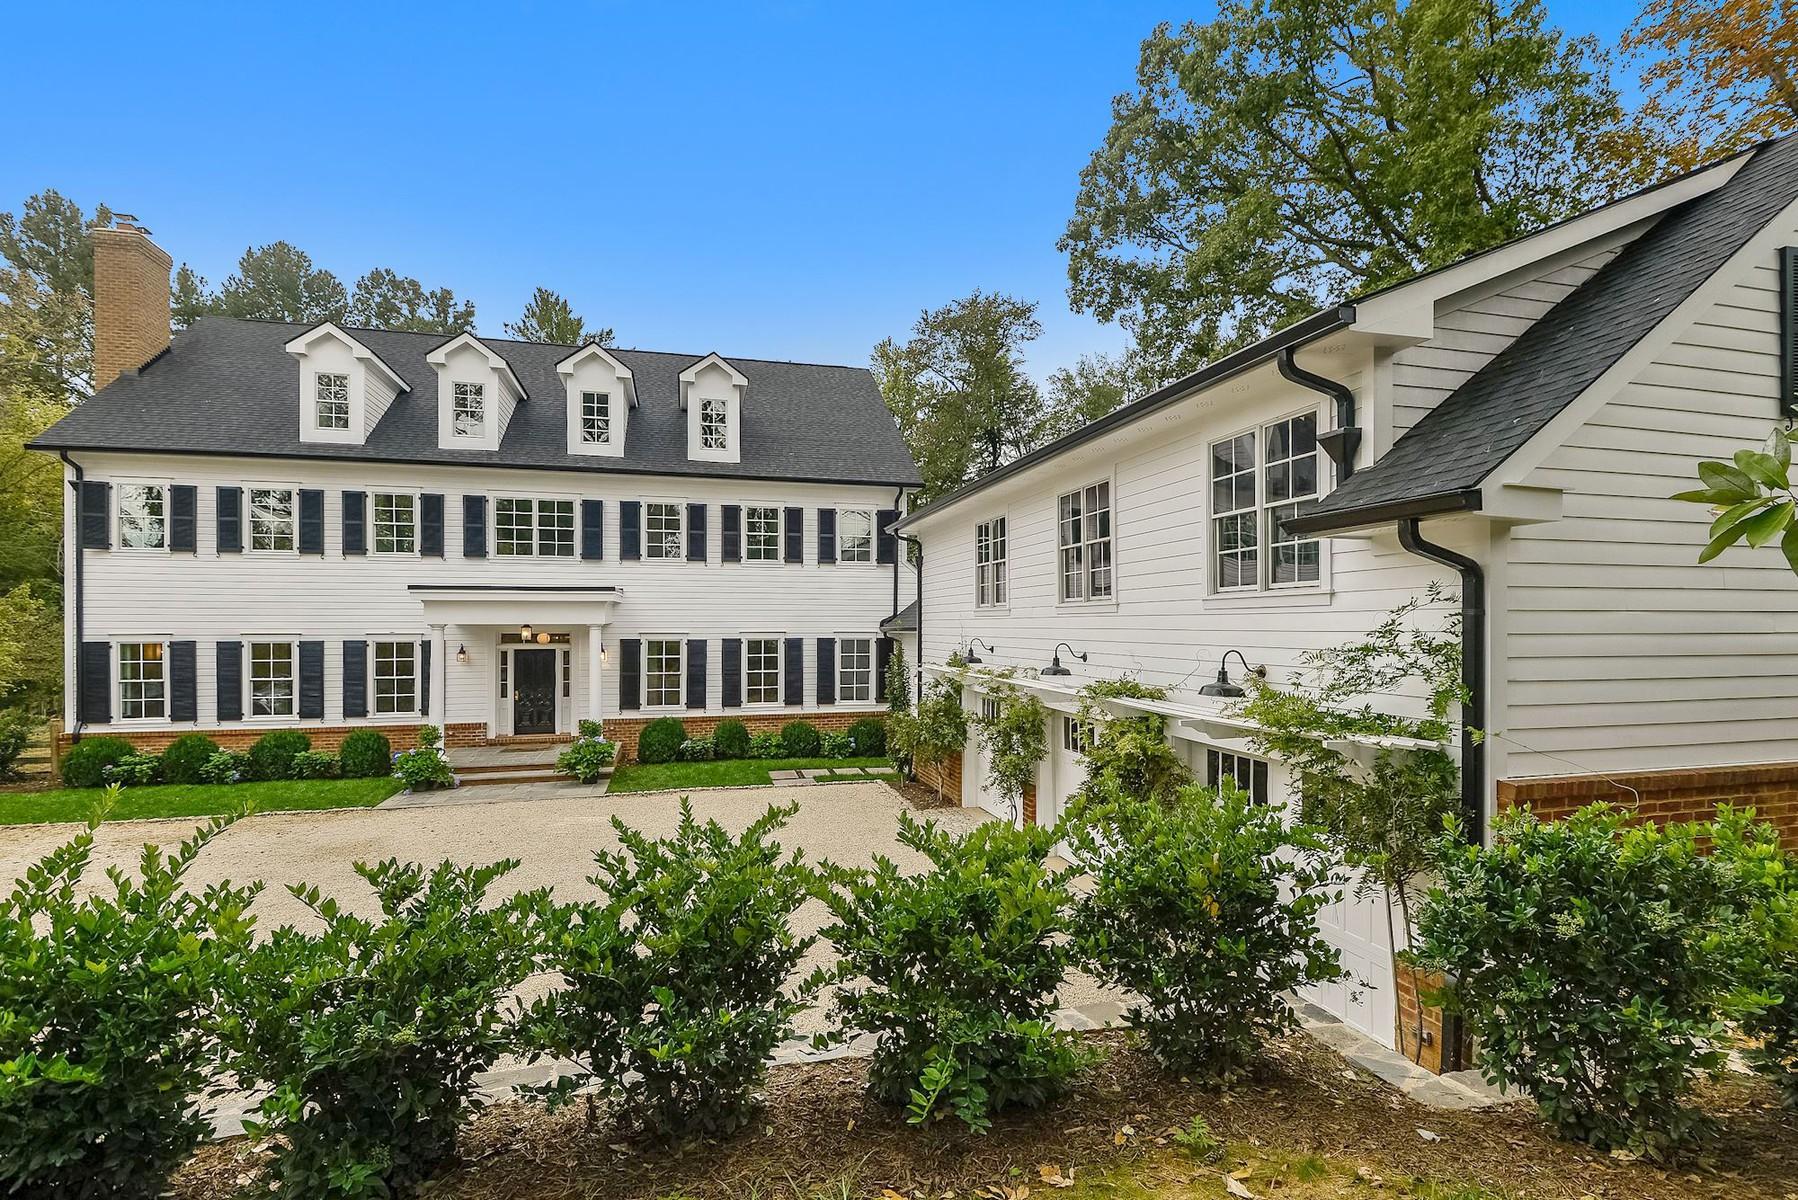 단독 가정 주택 용 매매 에 6349 Georgetown Pike, Mclean McLean, 버지니아, 22101 미국